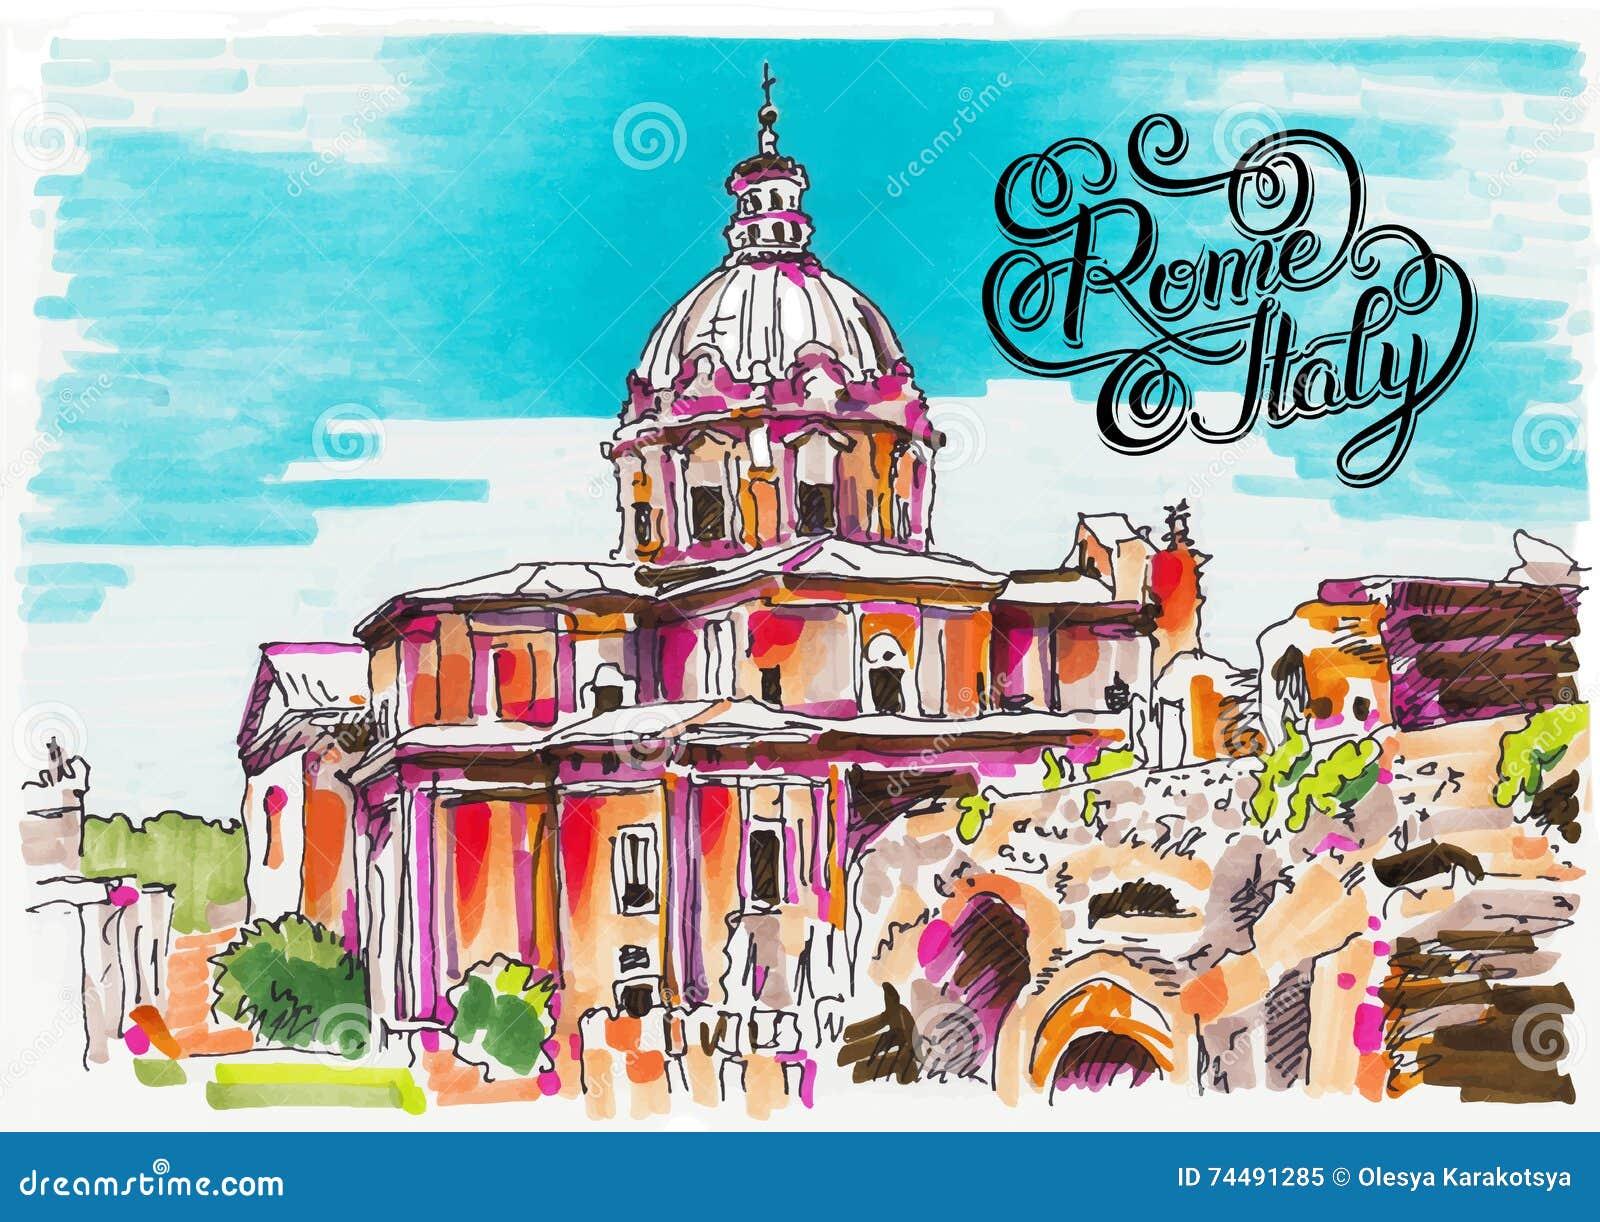 Αρχική ζωγραφική δεικτών της εικονικής παράστασης πόλης της Ρώμης Ιταλία με το χέρι lette